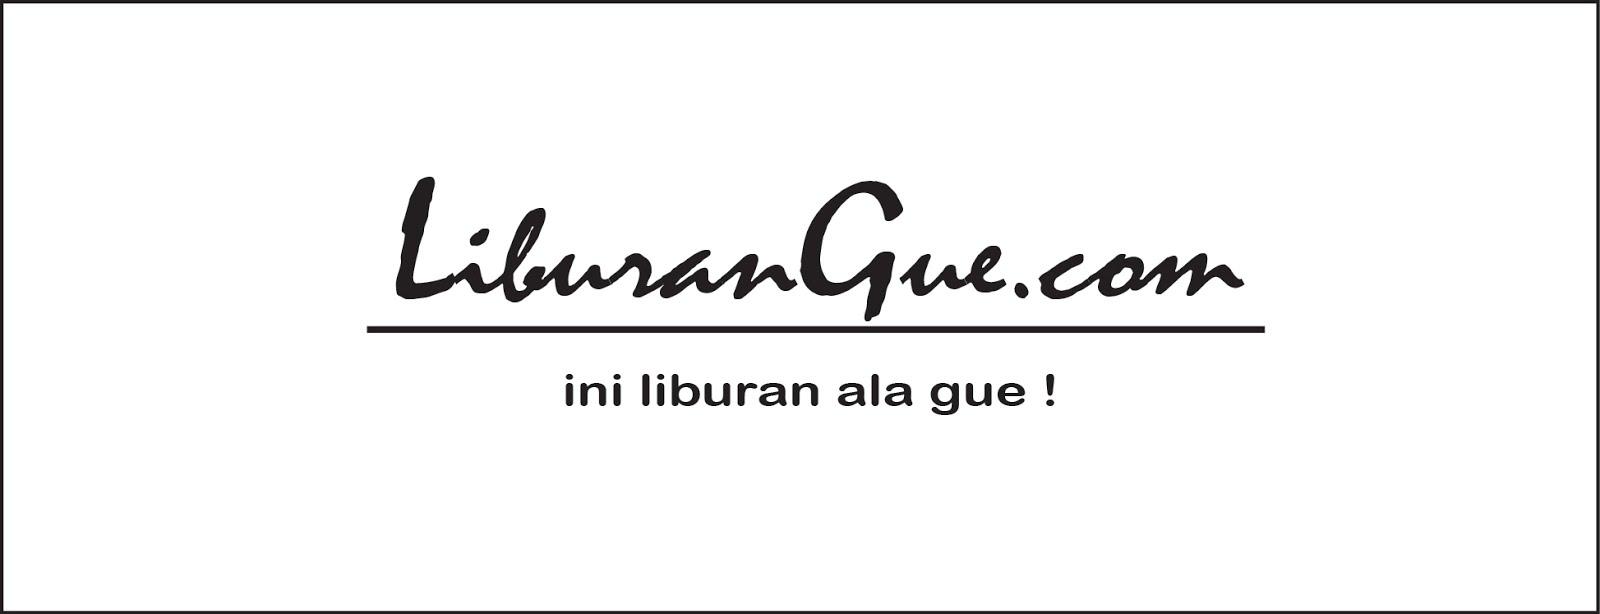 LiburanGue.com